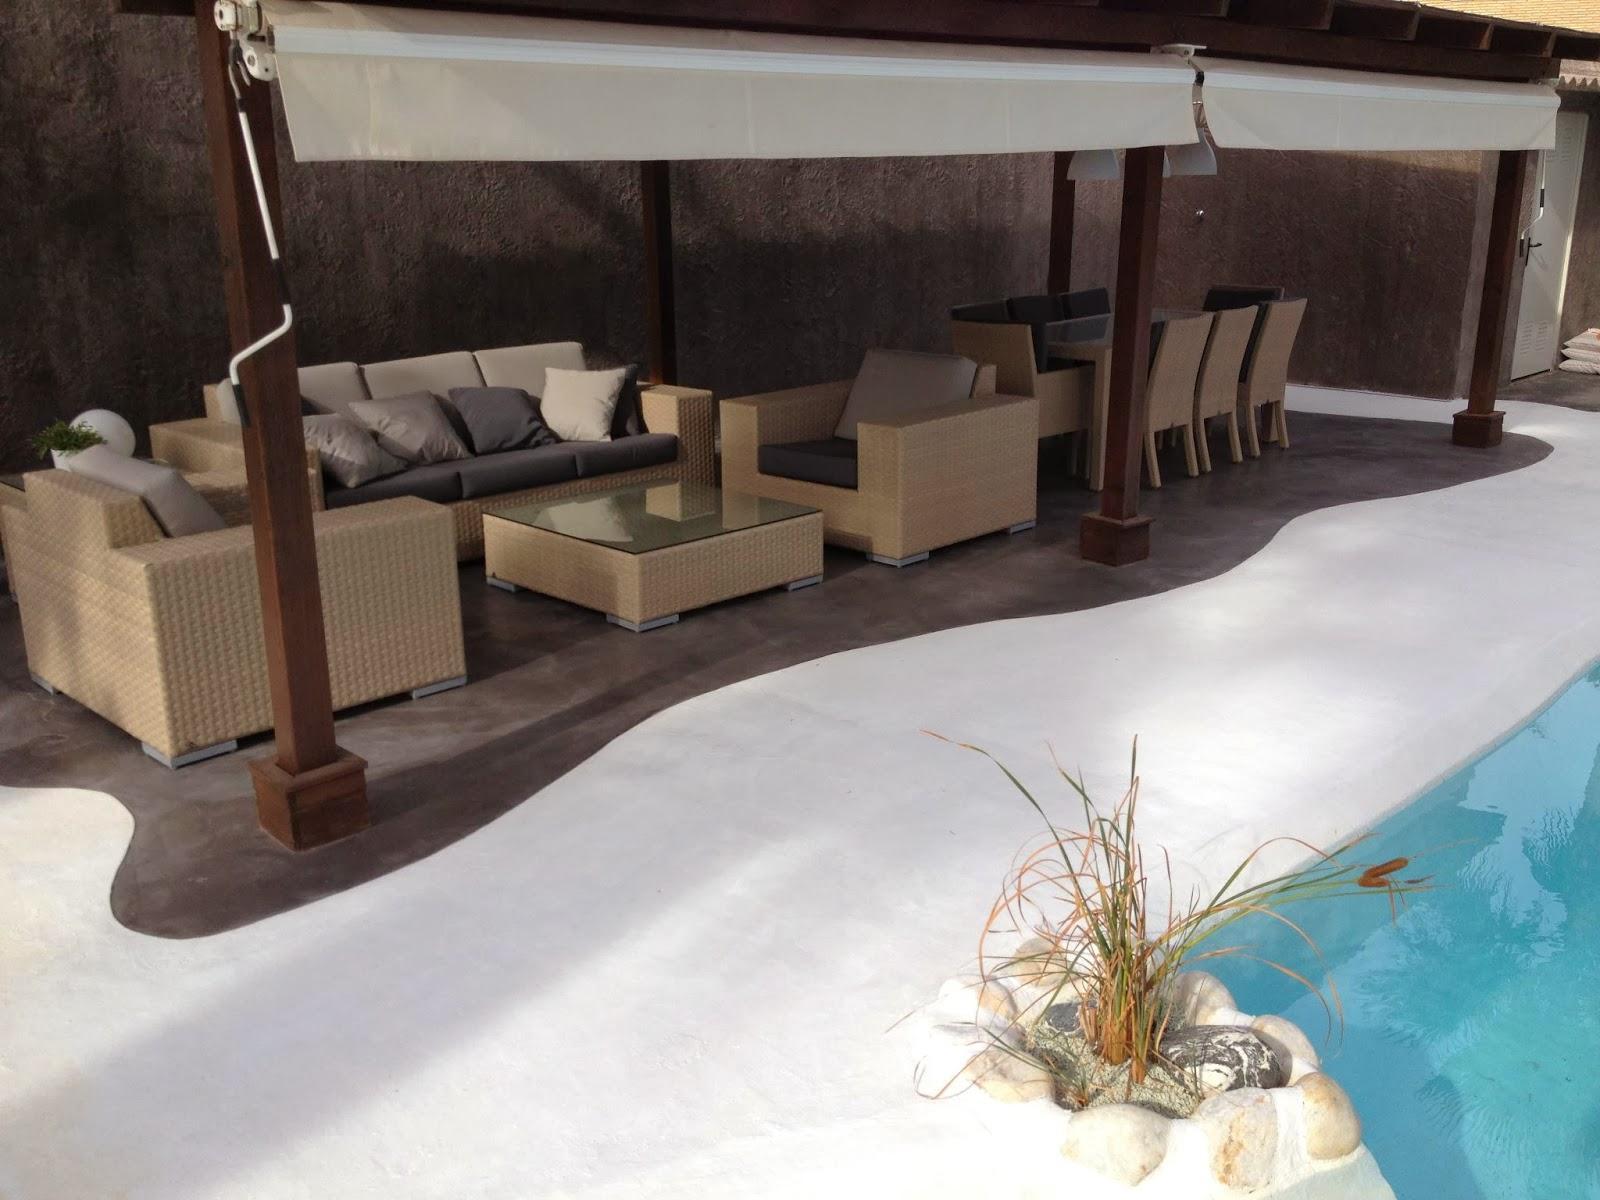 Microcemento antideslizante pavimentos de dise o for Poner suelo terraza exterior